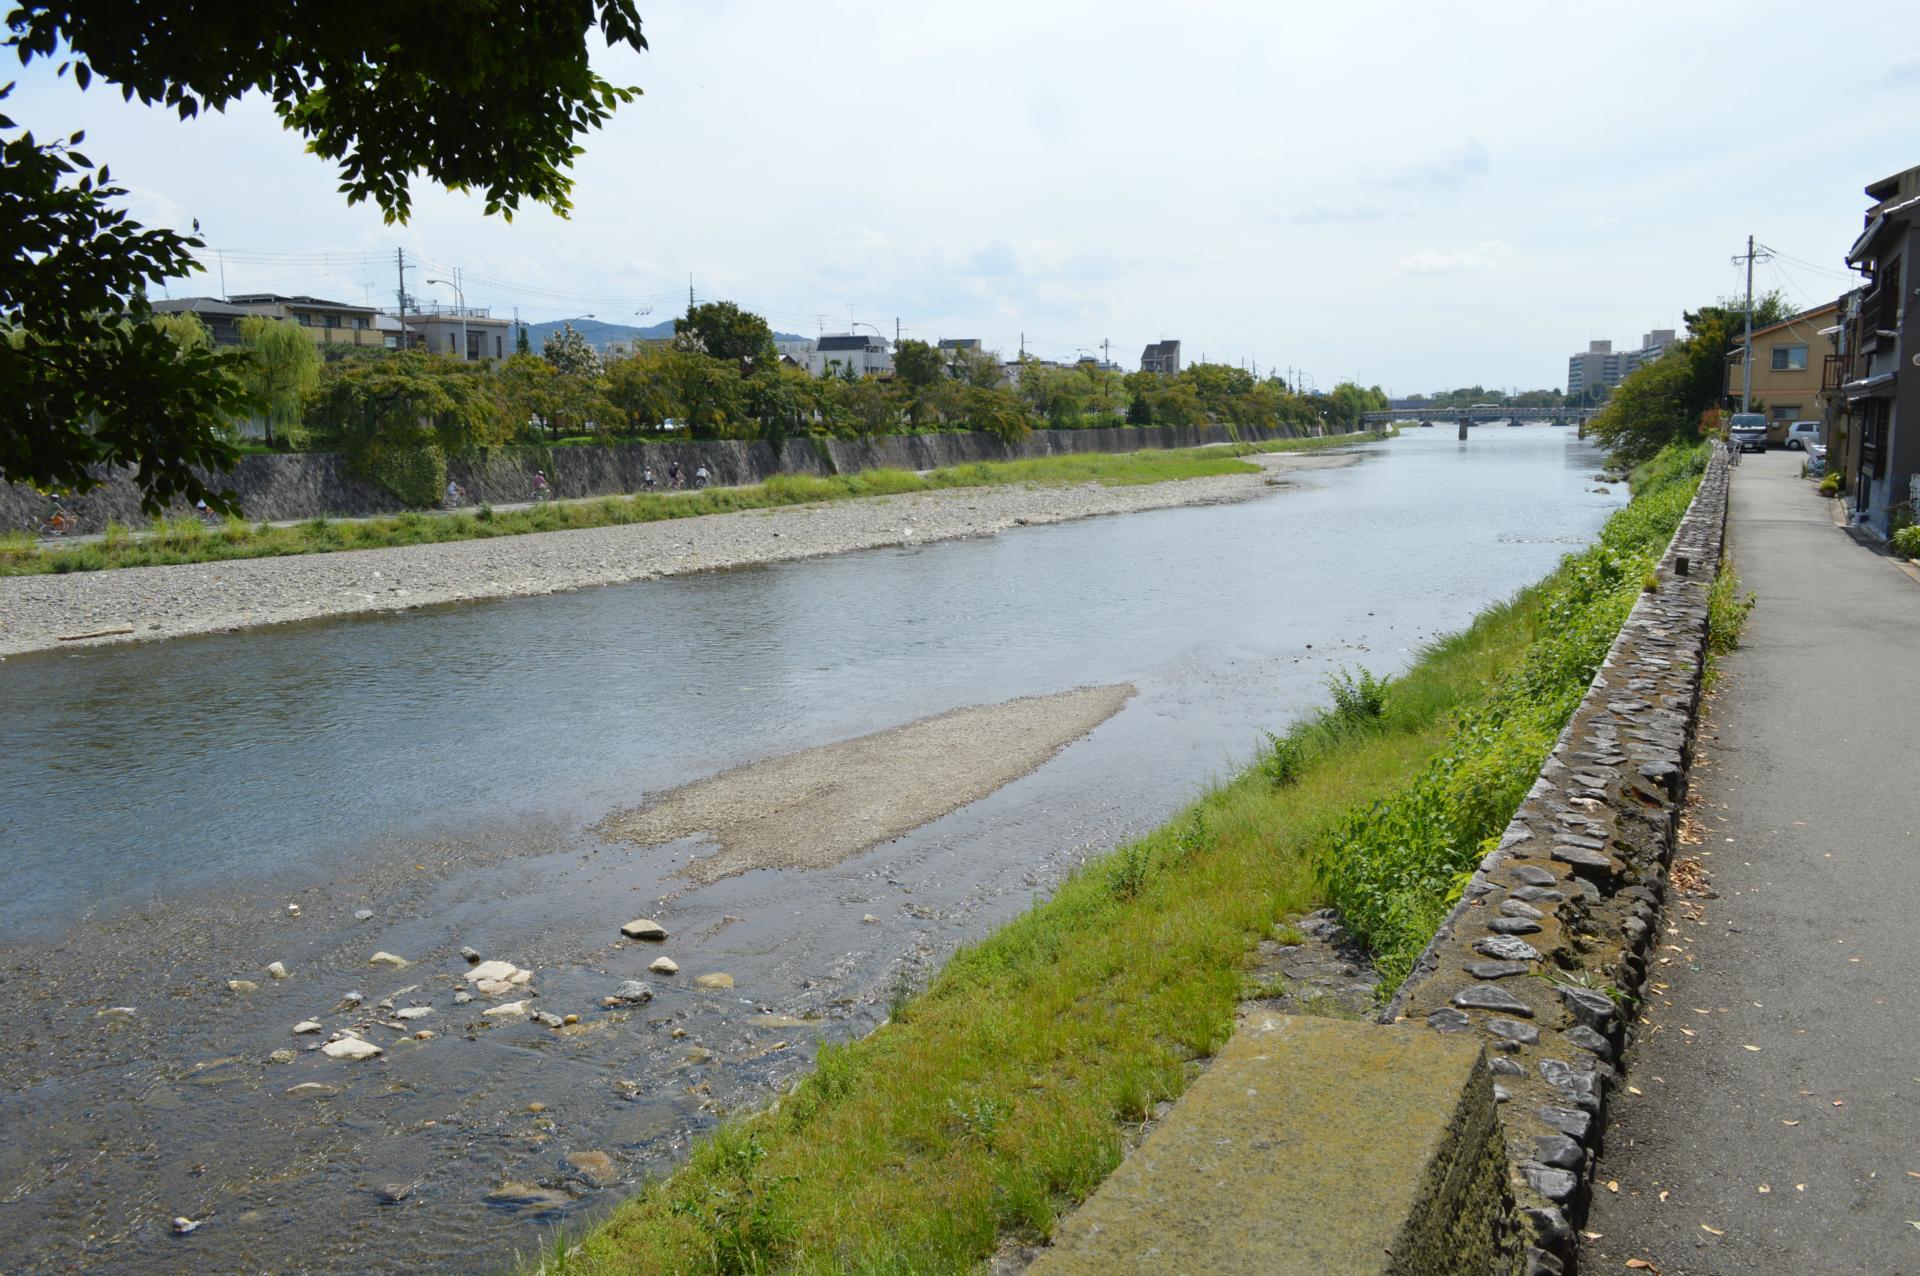 『京都府』 ジャンルのランキング 励みになります 下の にほんブロ... アートプラス京めぐり